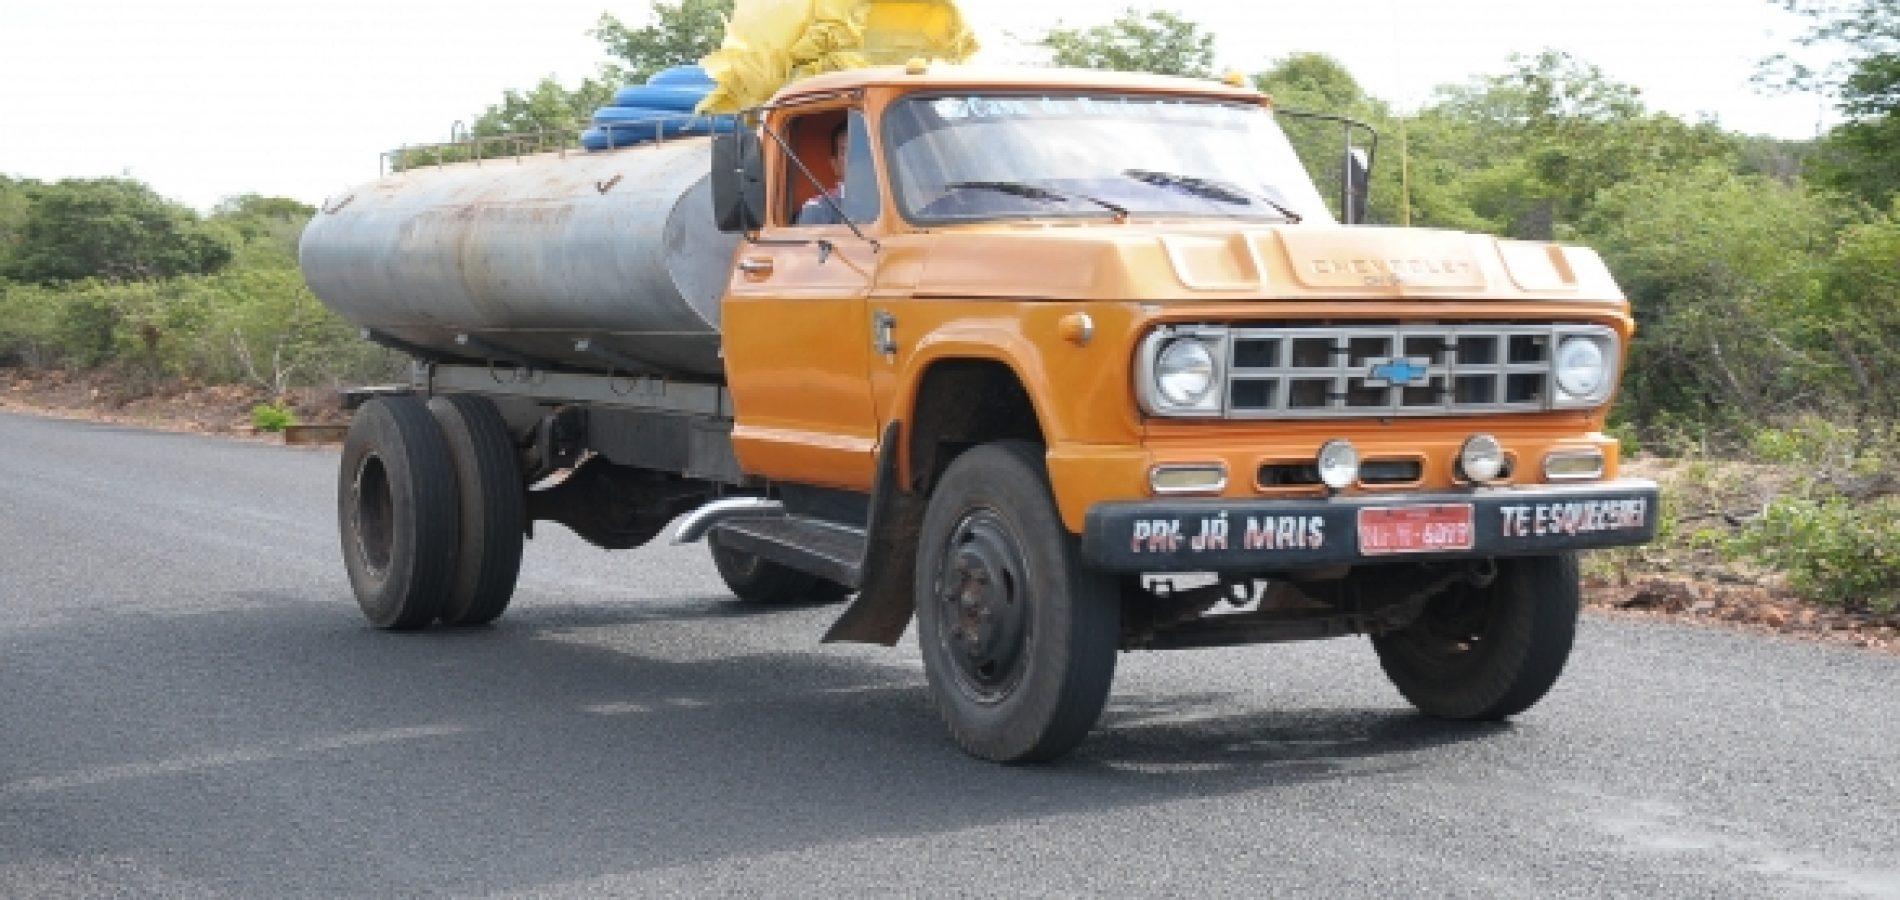 Governo retoma distribuição de água em 80 municípios